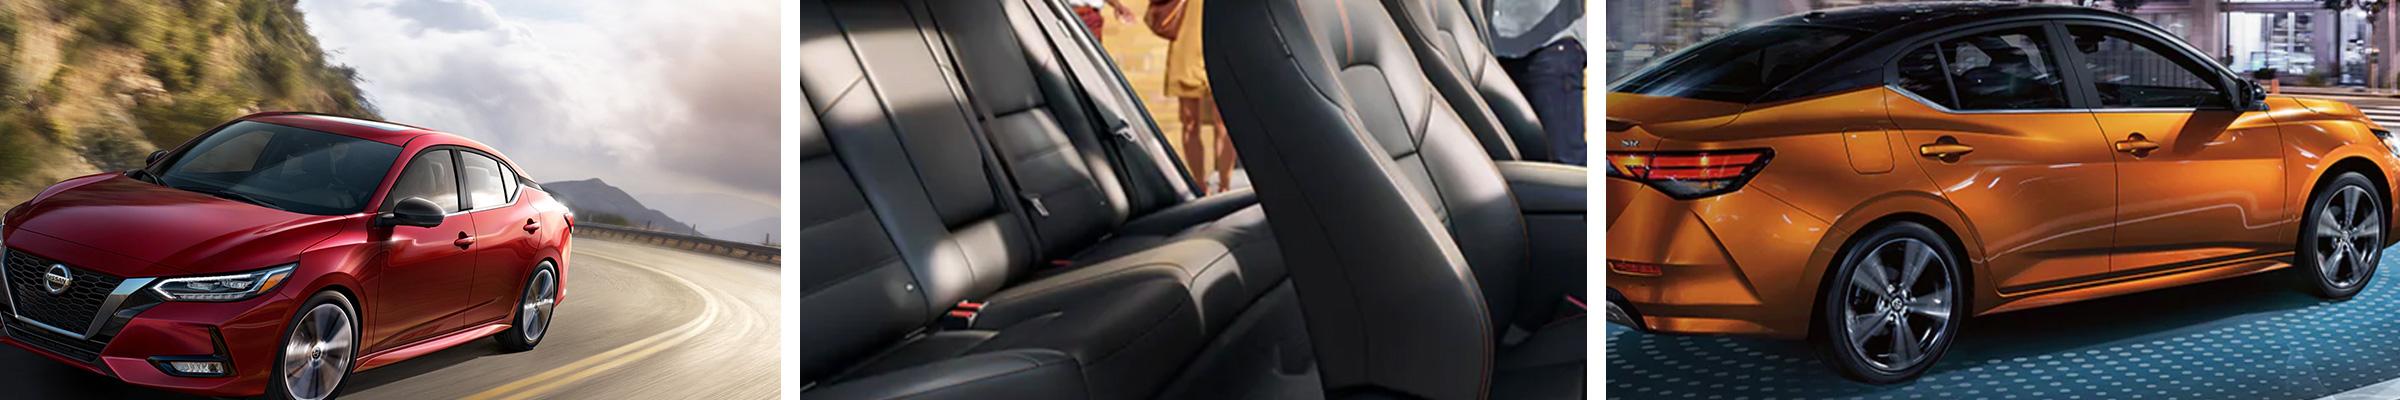 2020 Nissan Sentra For Sale Fort Collins CO | Loveland